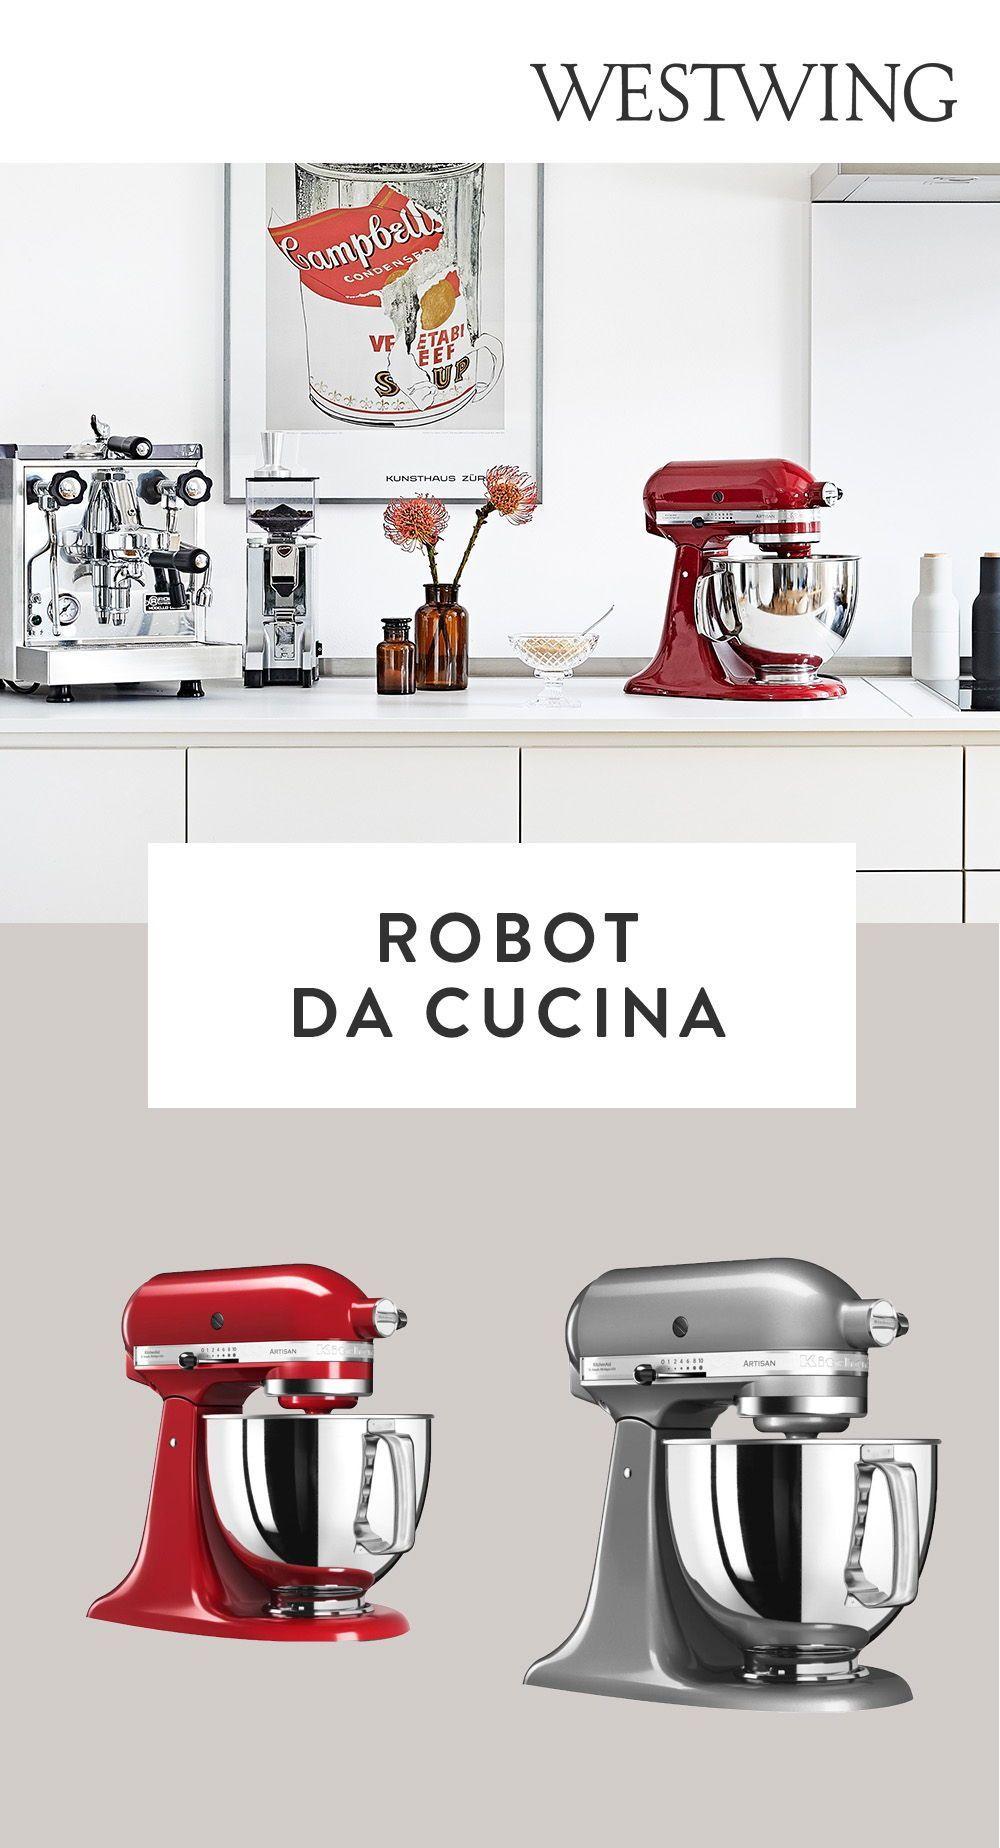 Robot Da Cucina Artisan Westwingnow Robot Da Cucina Robot Cucine